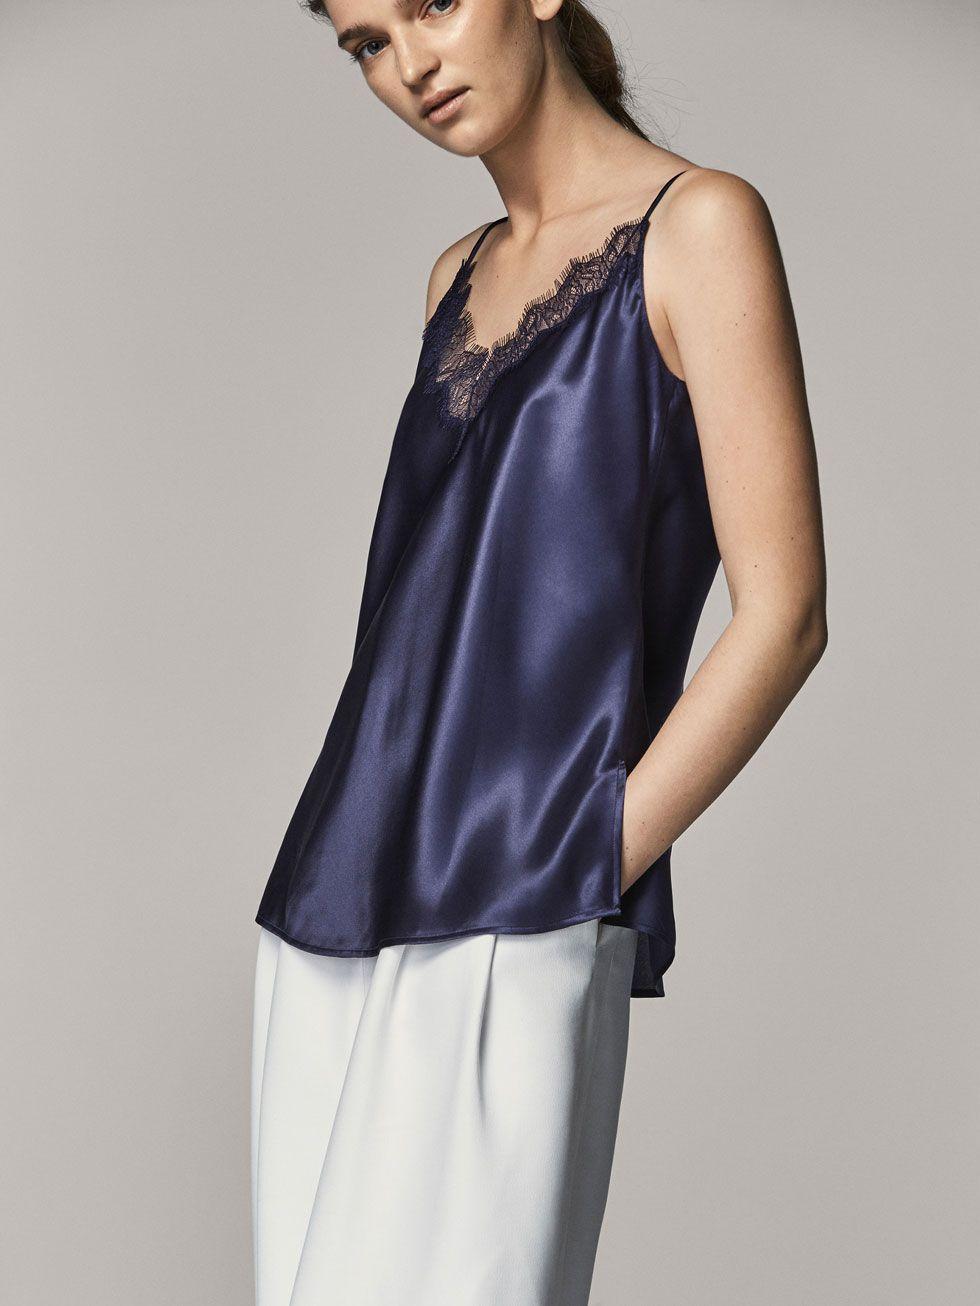 0563b9047d3be1 TOP SEDA DETALLE ENCAJE de MUJER - Camisas y Blusas - Tops de ...